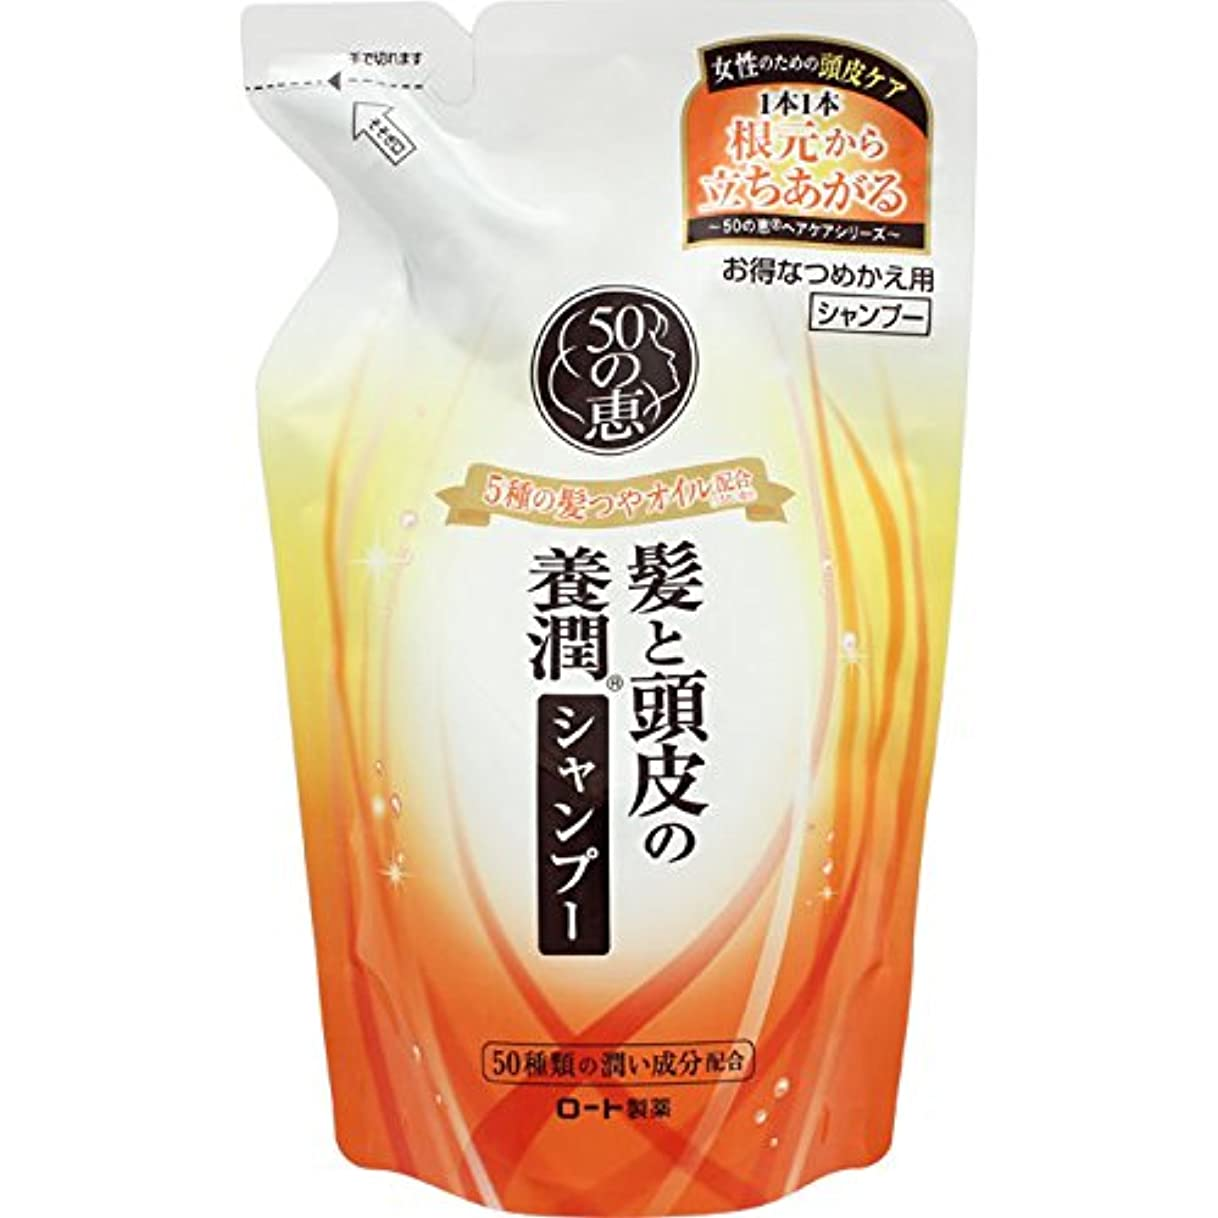 確認するセメント状況ロート製薬 50の恵エイジングケア 髪と頭皮の養潤シャンプー 詰替用 330mL